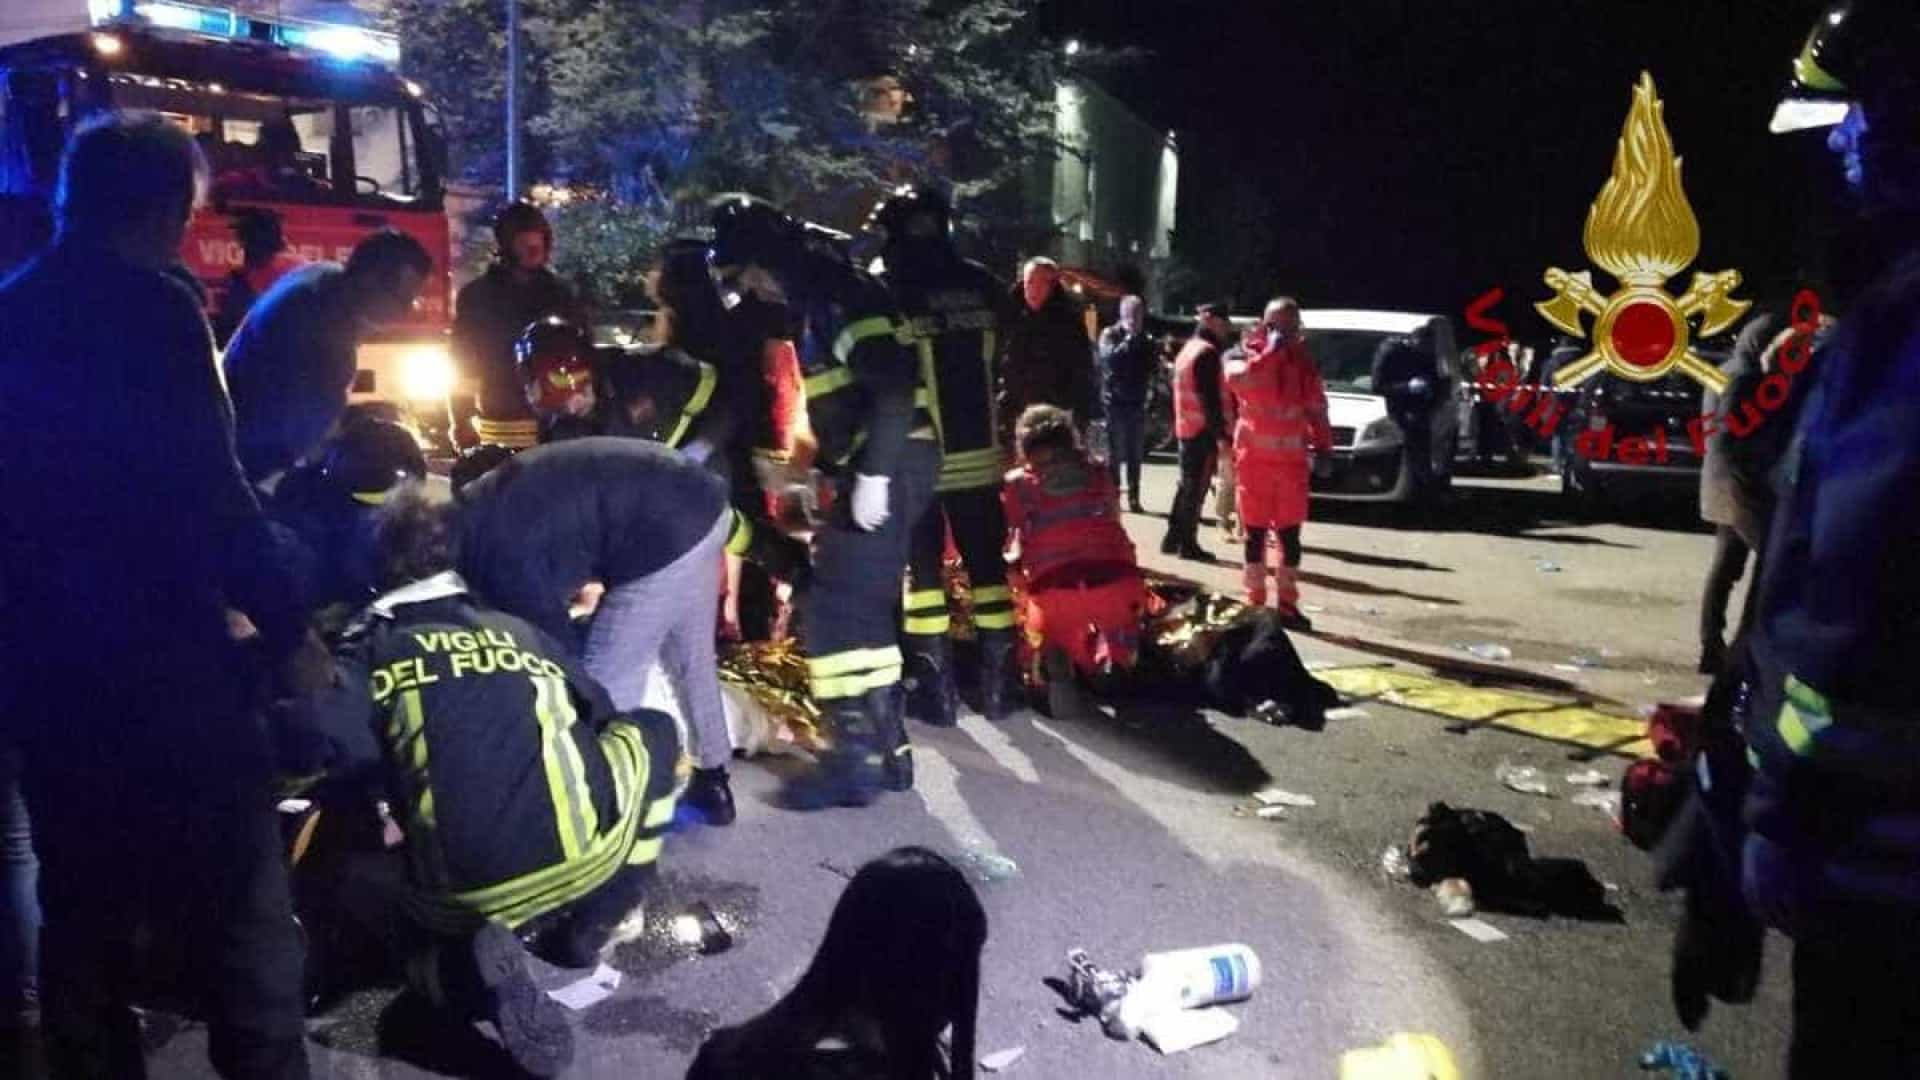 Itália: 6 morrem pisoteados e mais de 100 ficam feridos em boate